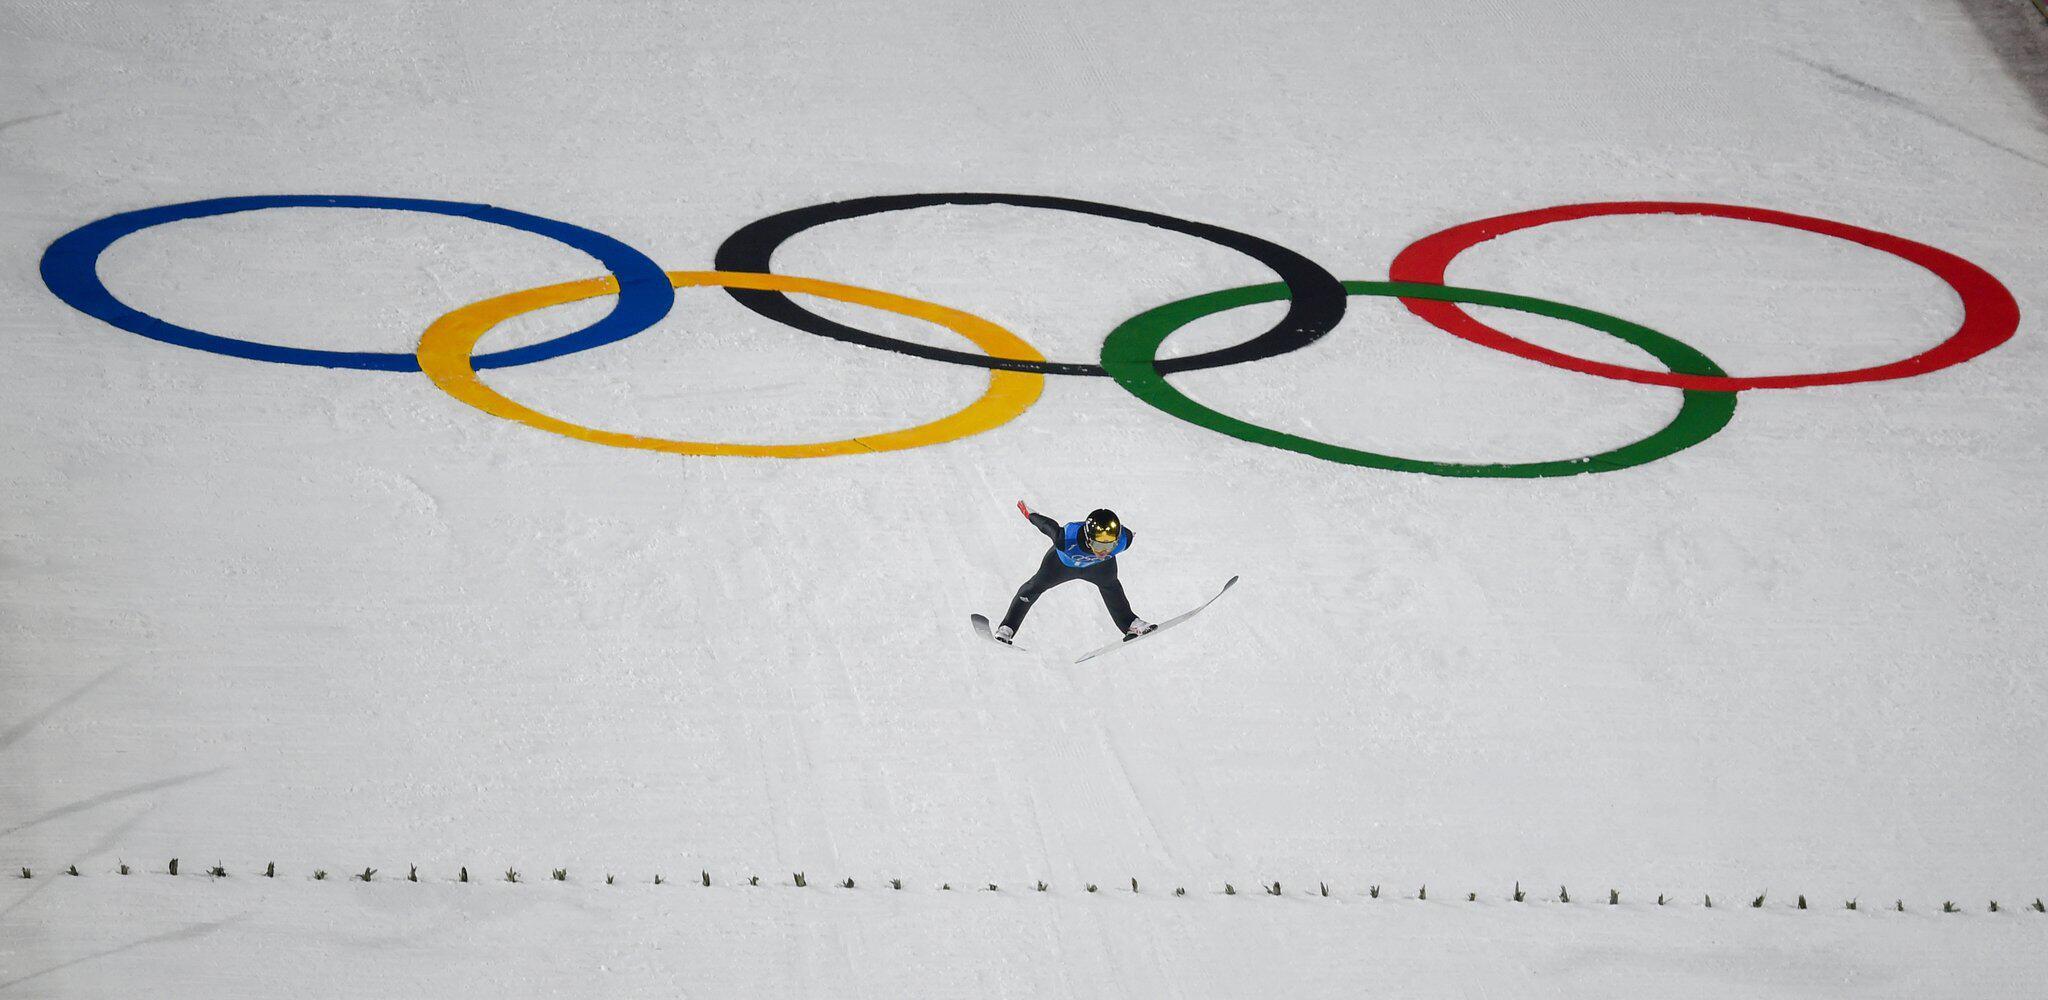 Bild zu Pyeongchang 2018 - Skispringen